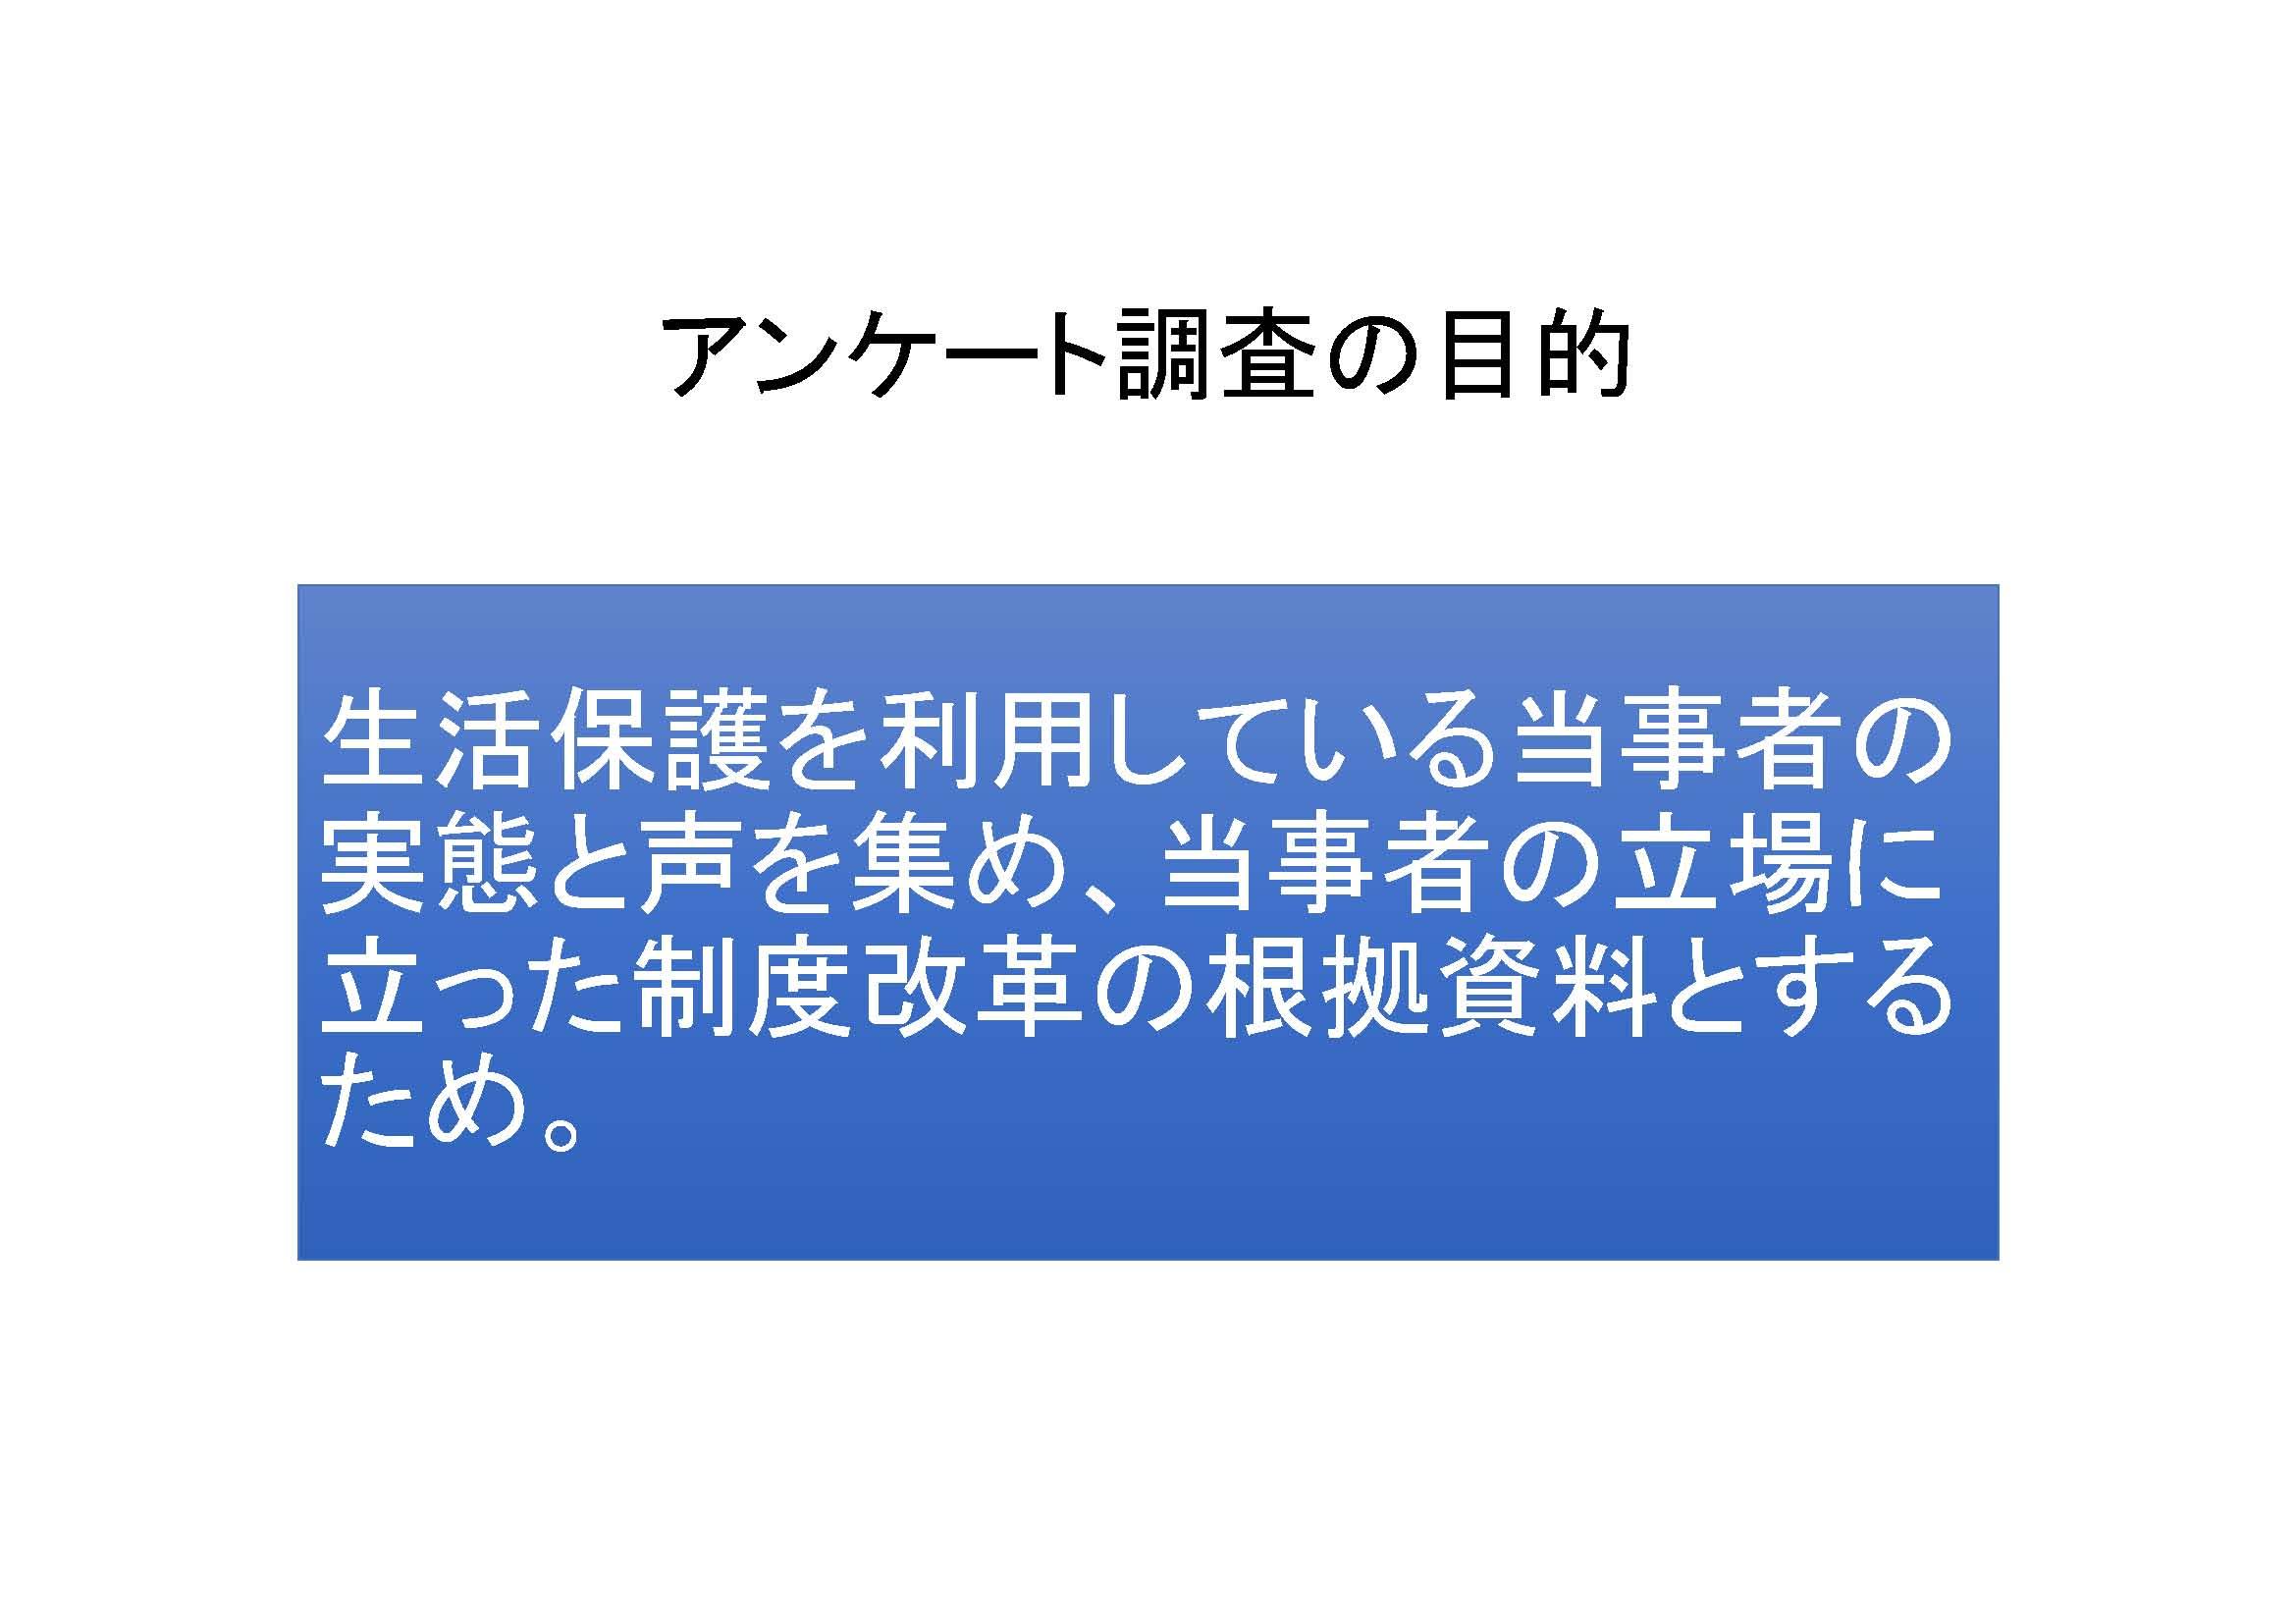 生活保護利用者緊急アンケート 02